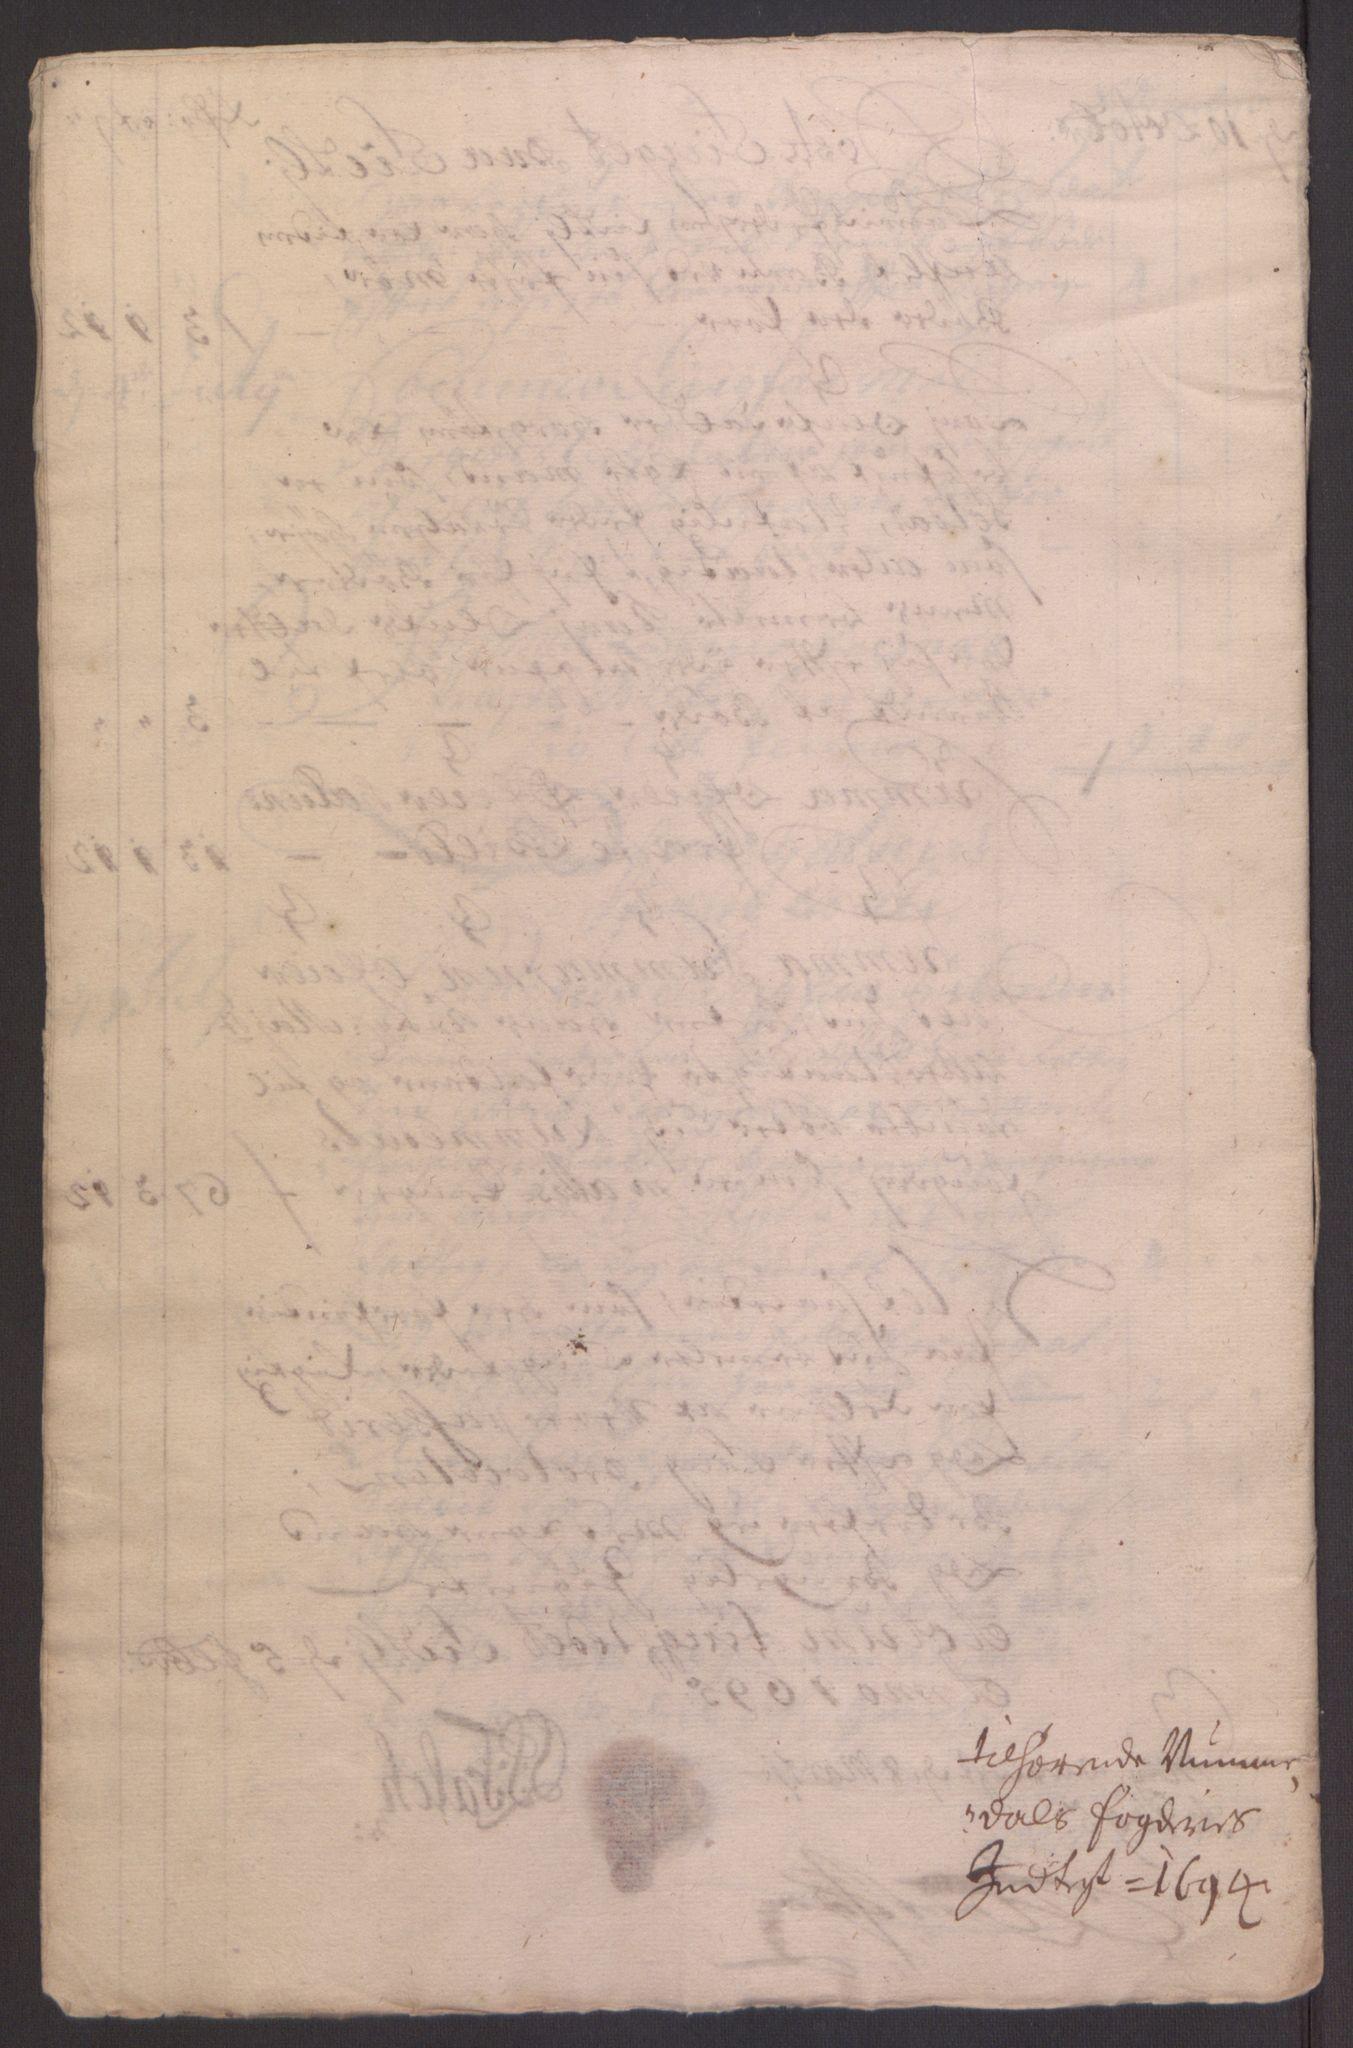 RA, Rentekammeret inntil 1814, Reviderte regnskaper, Fogderegnskap, R64/L4424: Fogderegnskap Namdal, 1692-1695, s. 394